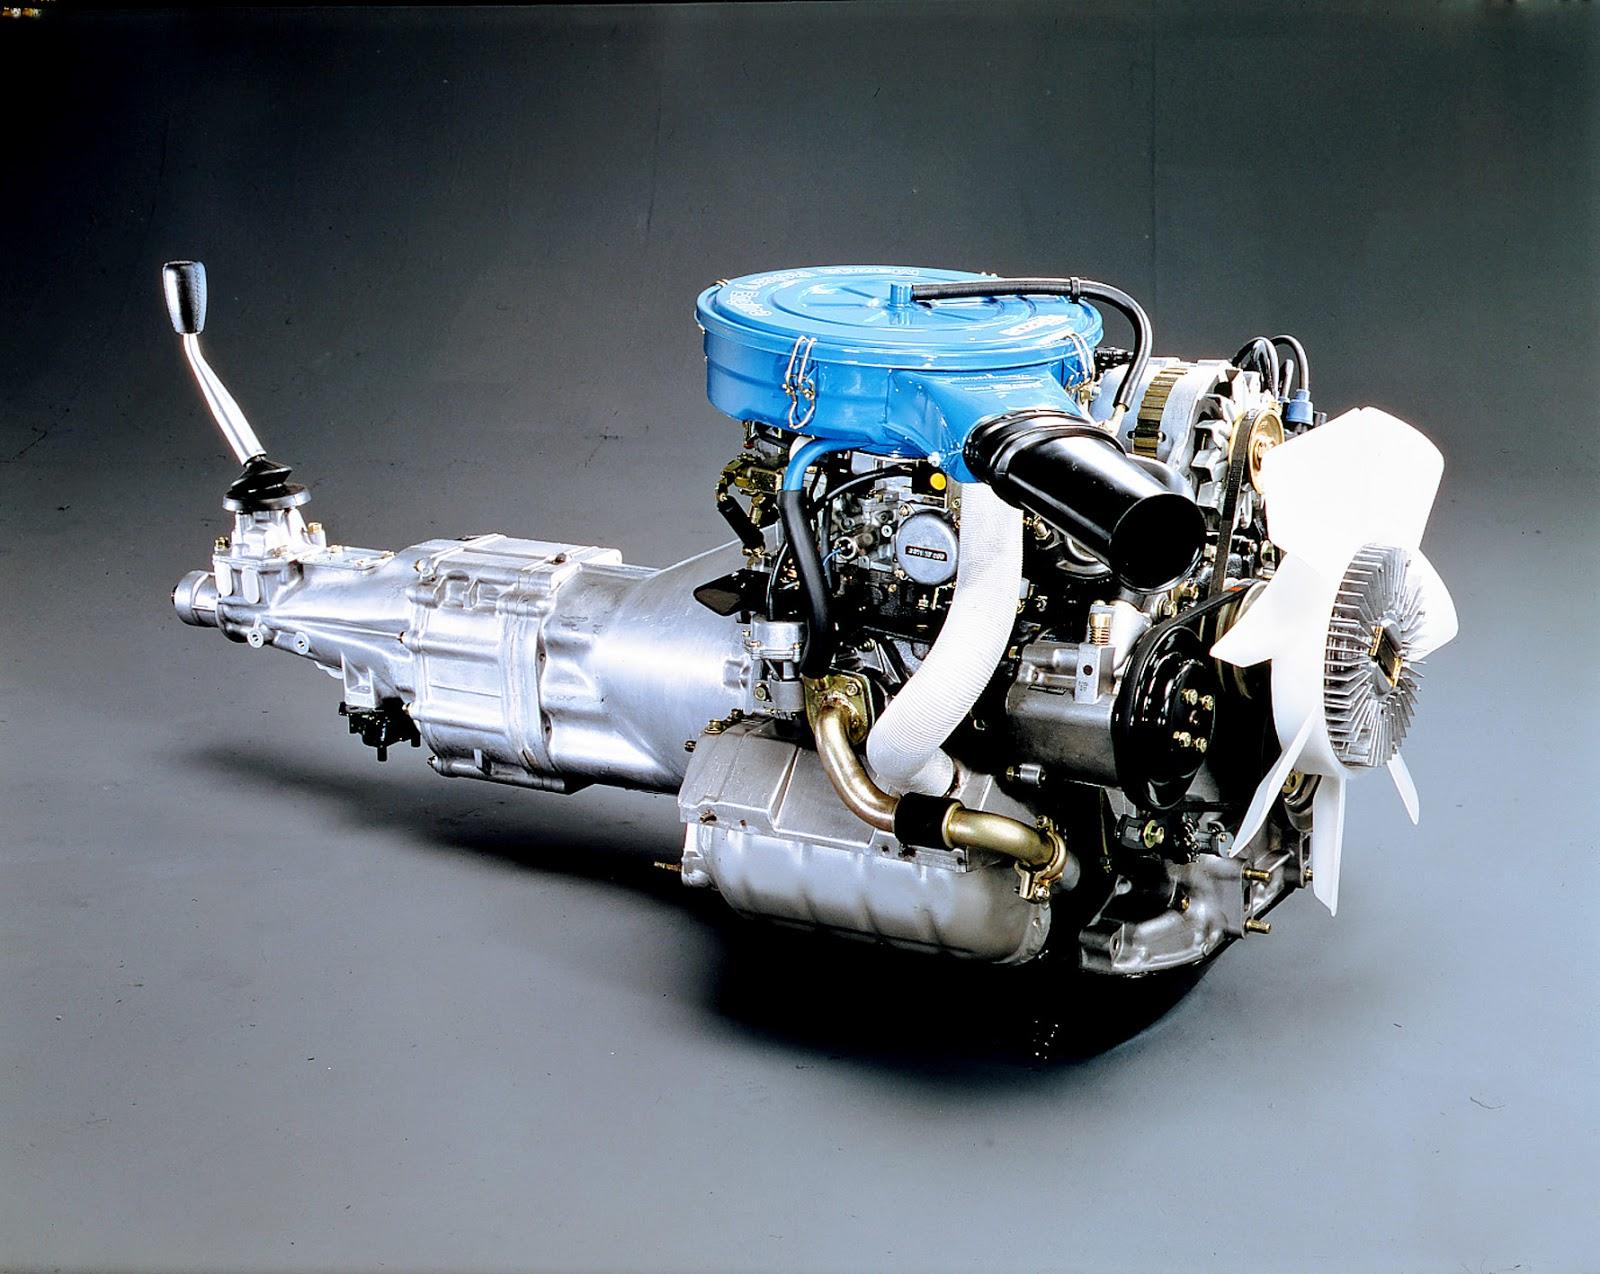 Mazda RX 7 Generation 1 1978 Mazda RX-7. Επαναπροσδιορίζοντας την οδηγική απόλαυση μέσω του περιστροφικού κινητήρα Mazda, Mazda RX-7, Rotary, RX7, Wankel, zblog